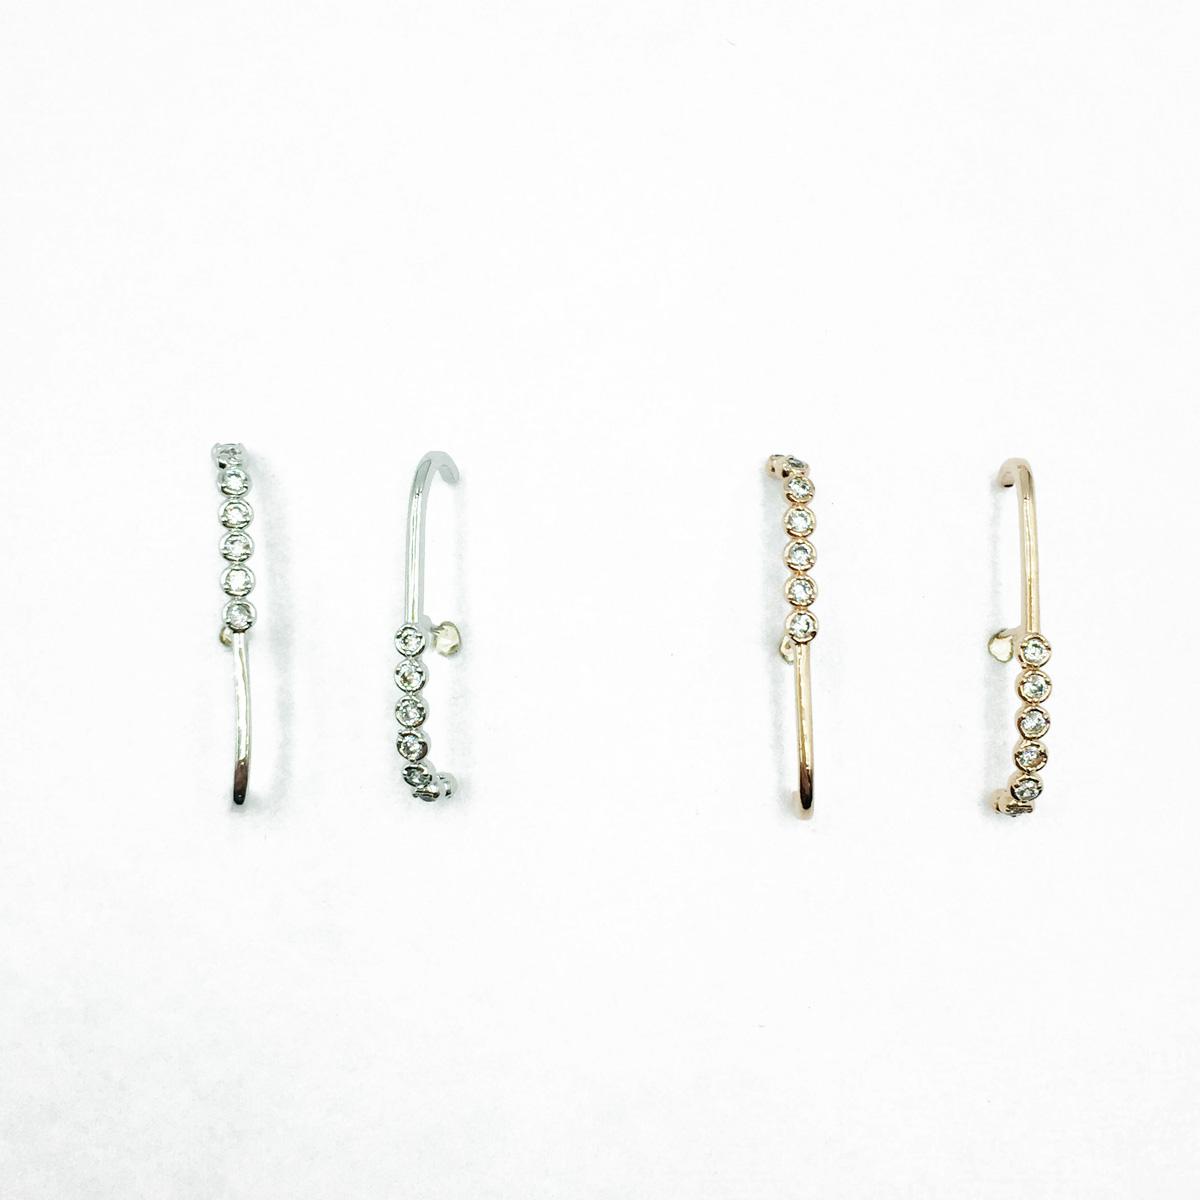 韓國 925純銀 水鑽 C型 銀 玫瑰金 簡約款 耳針式耳環